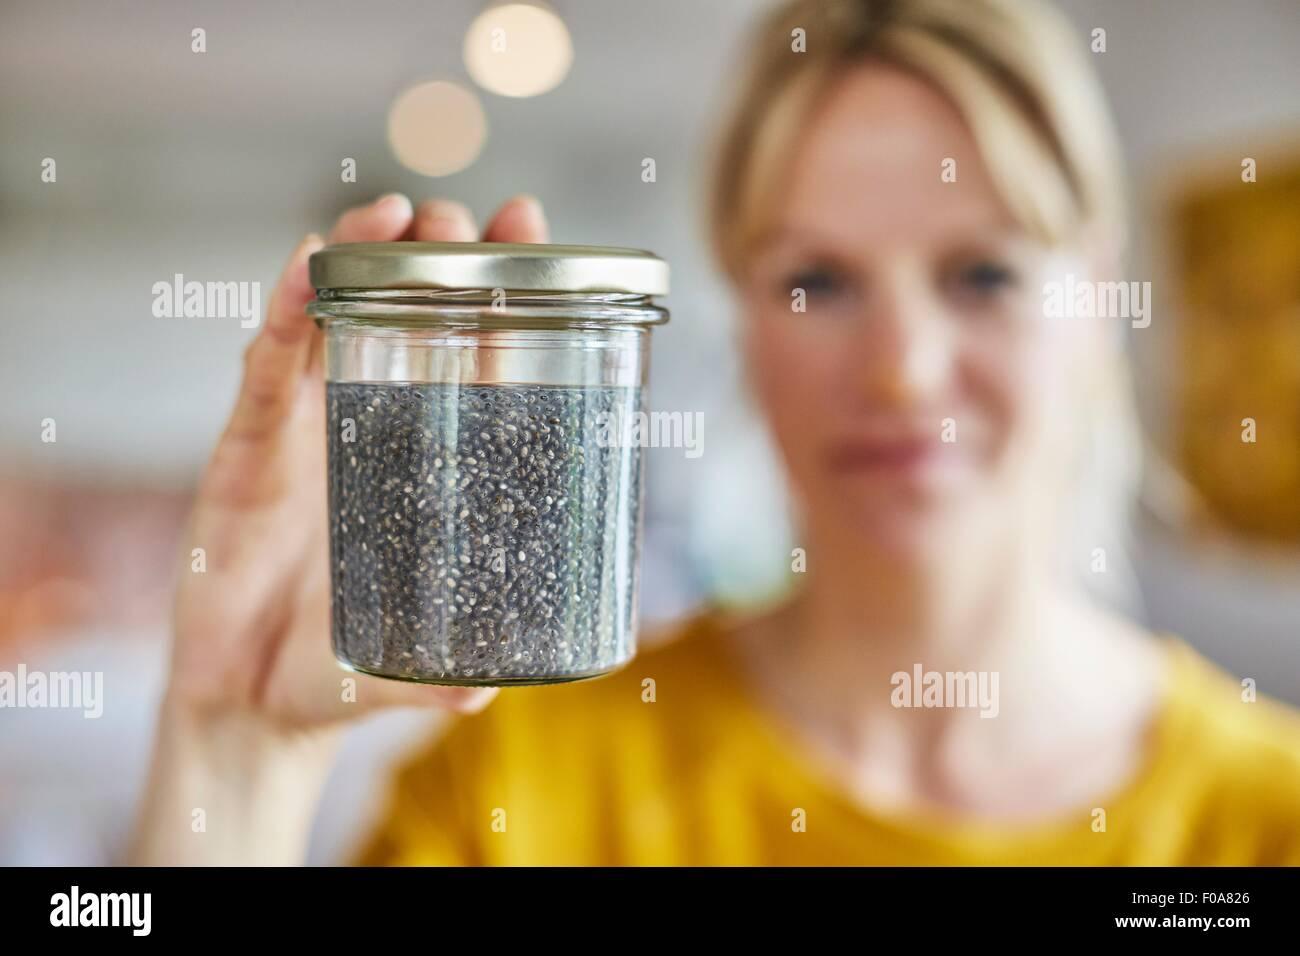 Reife Frau hält Glas Samen, Samen im Fokus Stockbild